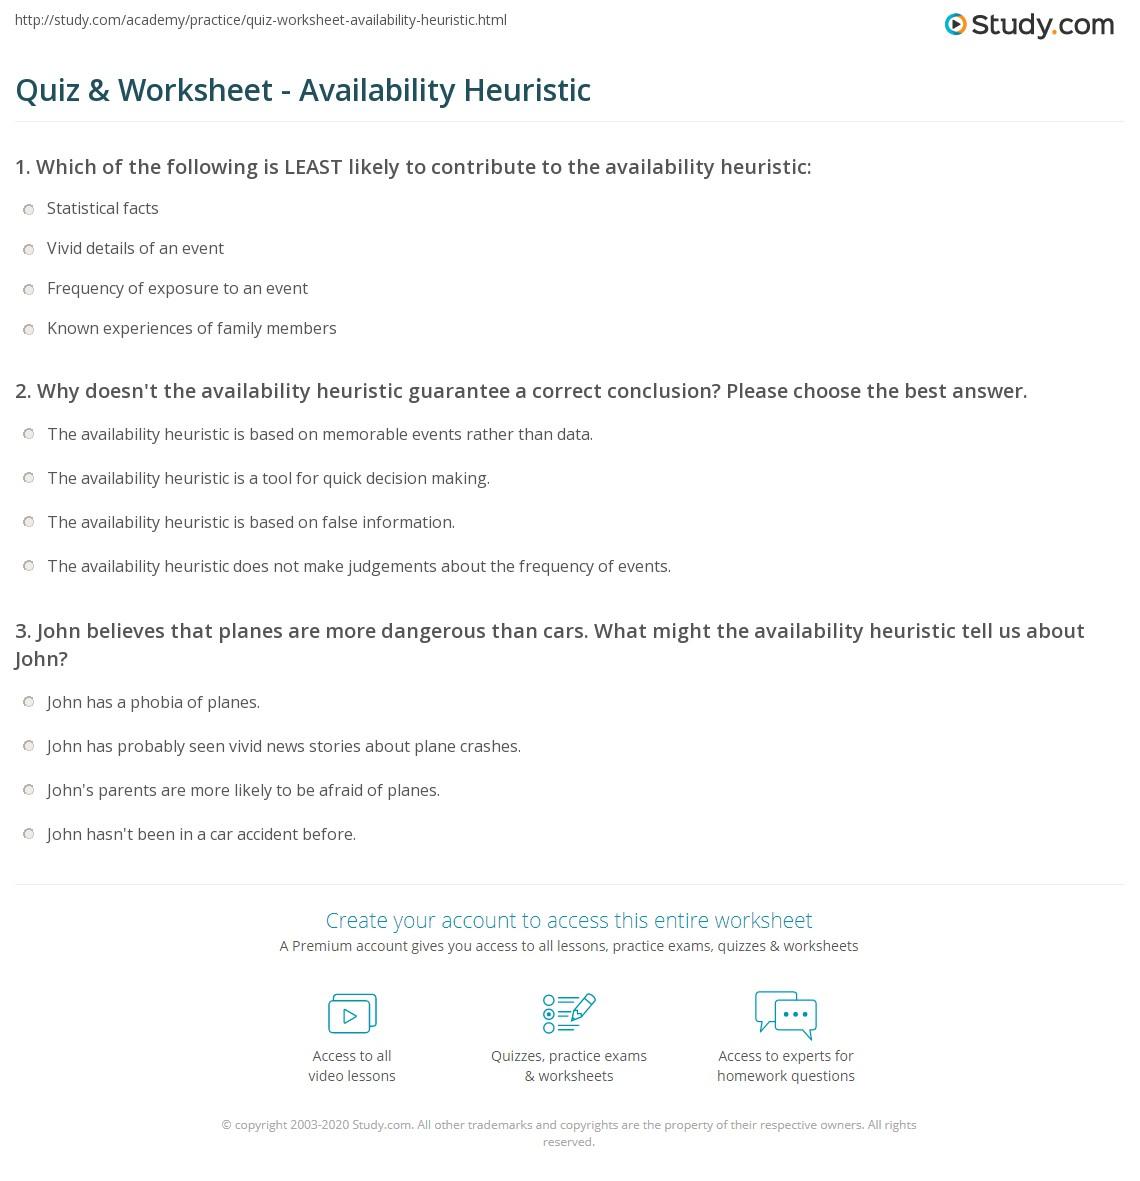 Quiz W Ksheet V Il Bility Heuristic Study